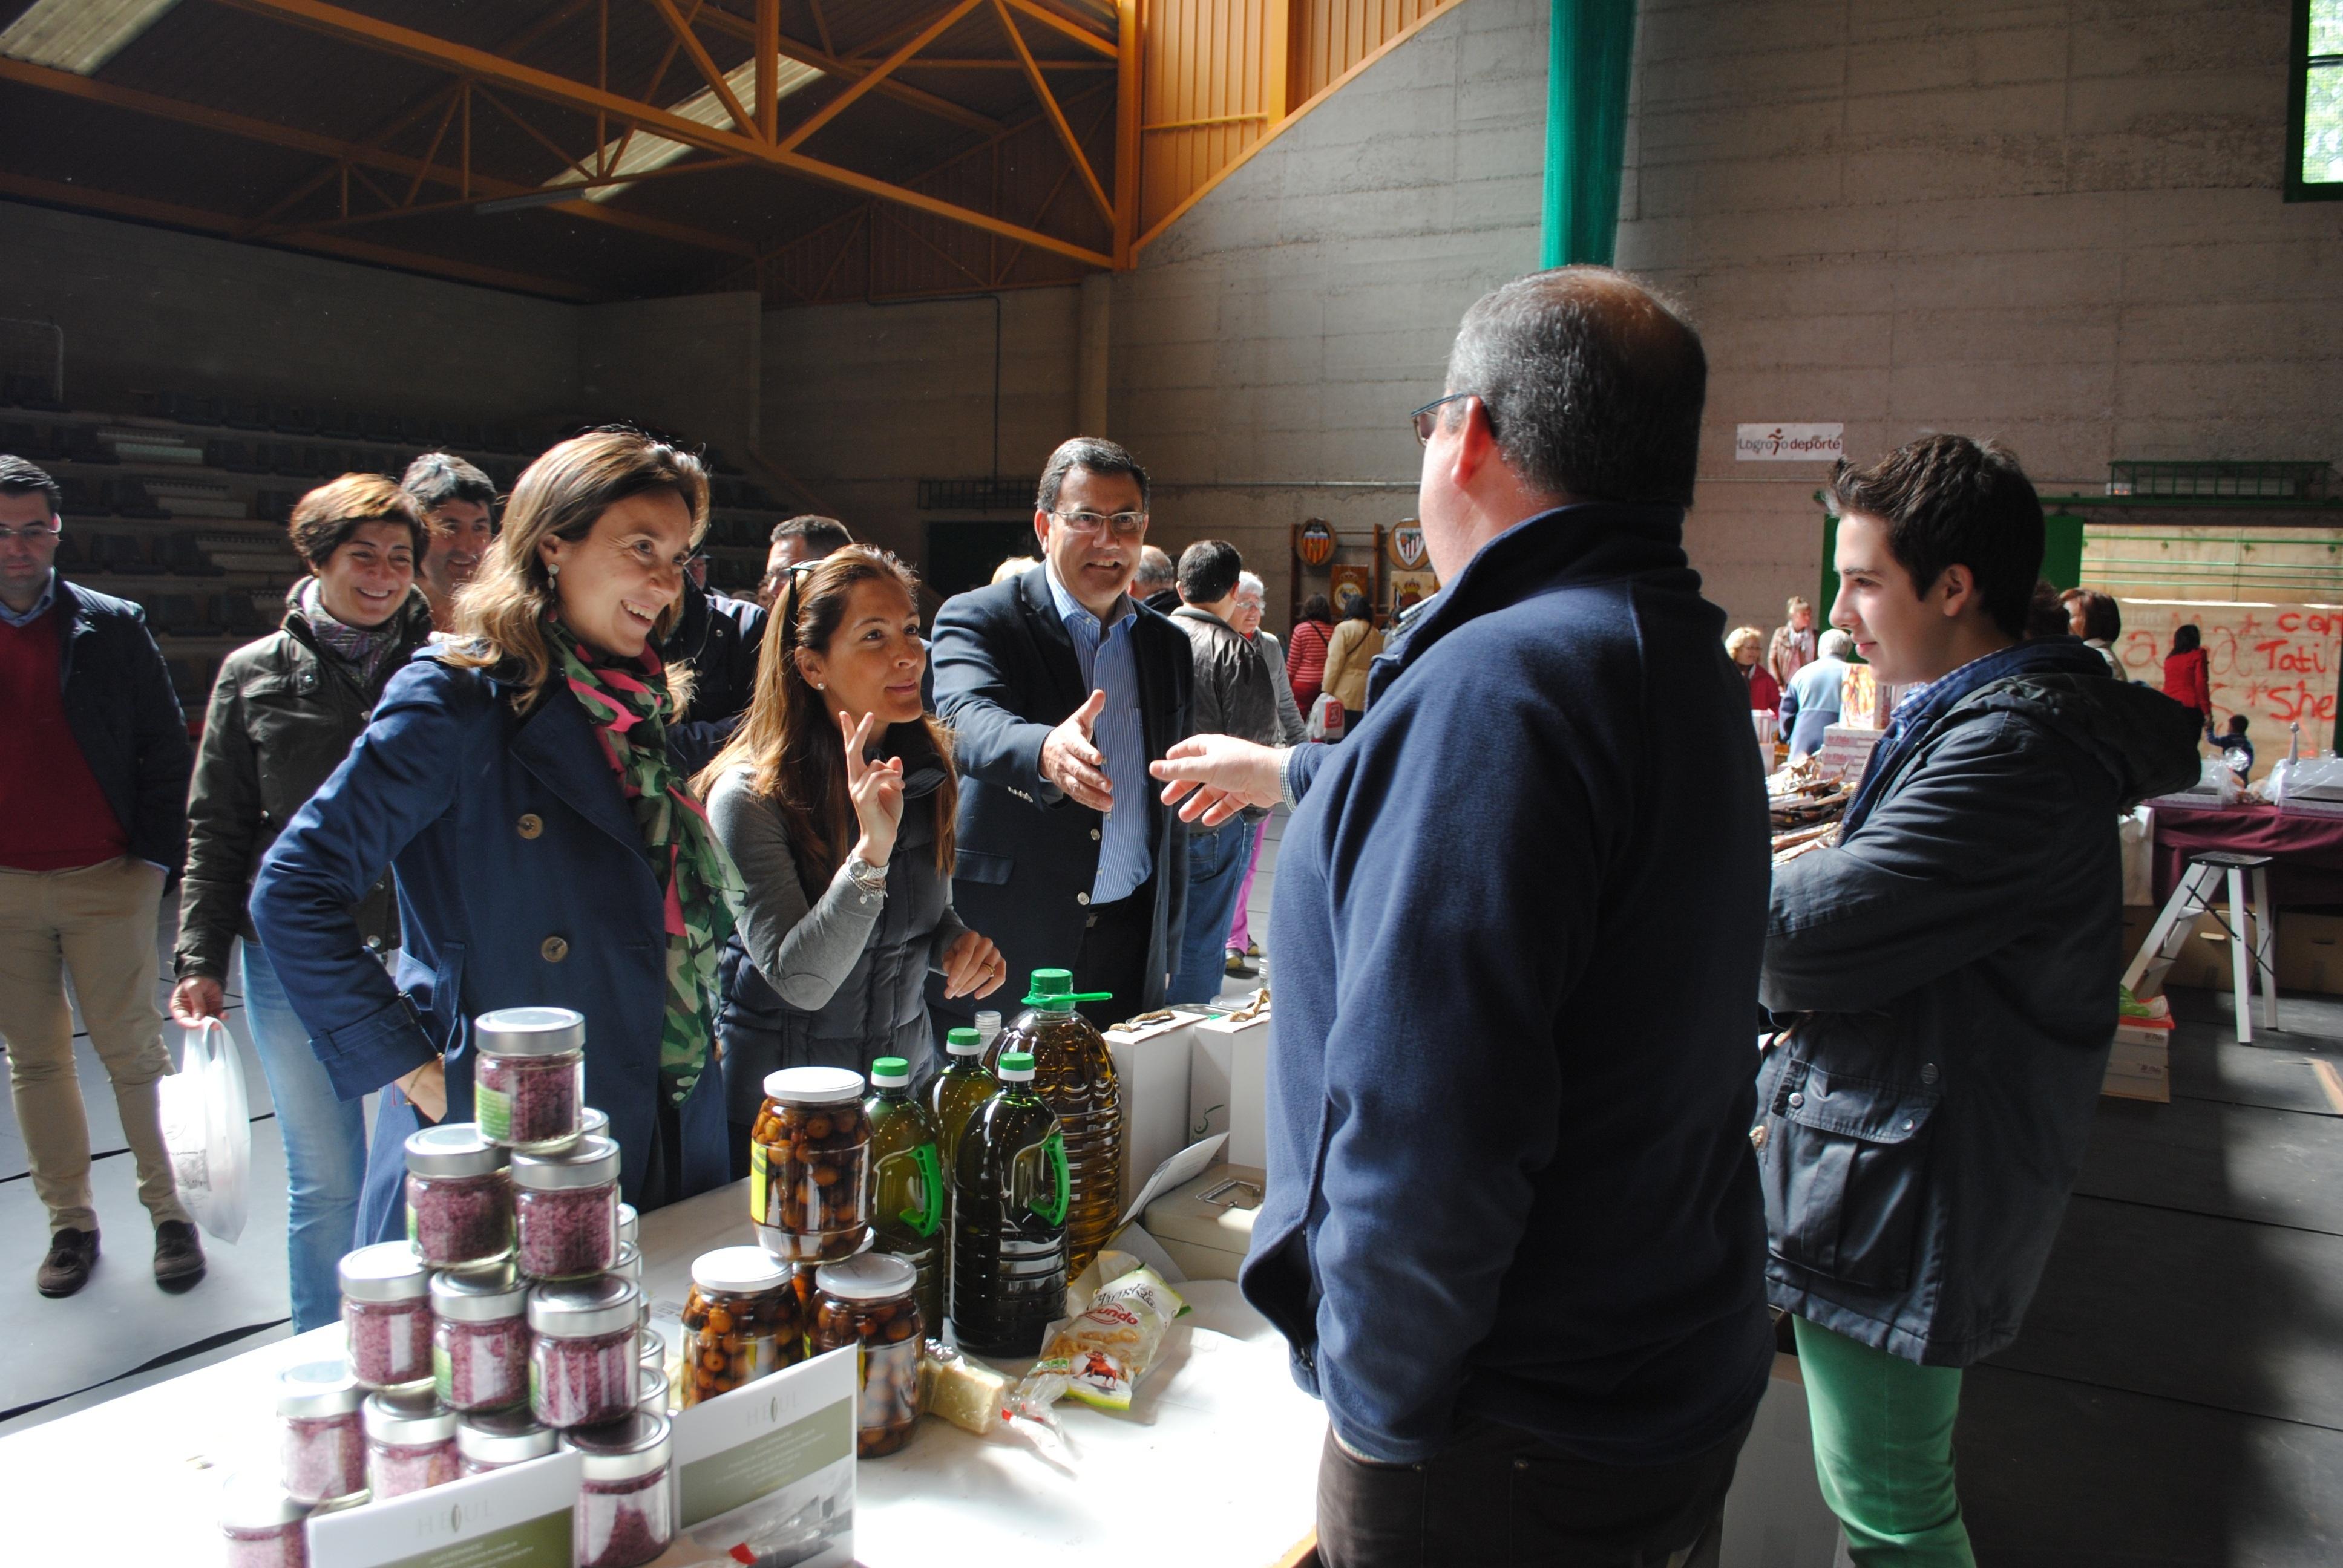 La alcaldesa de Logroño participa en la inauguración del Mercado de la Huerta de Varea